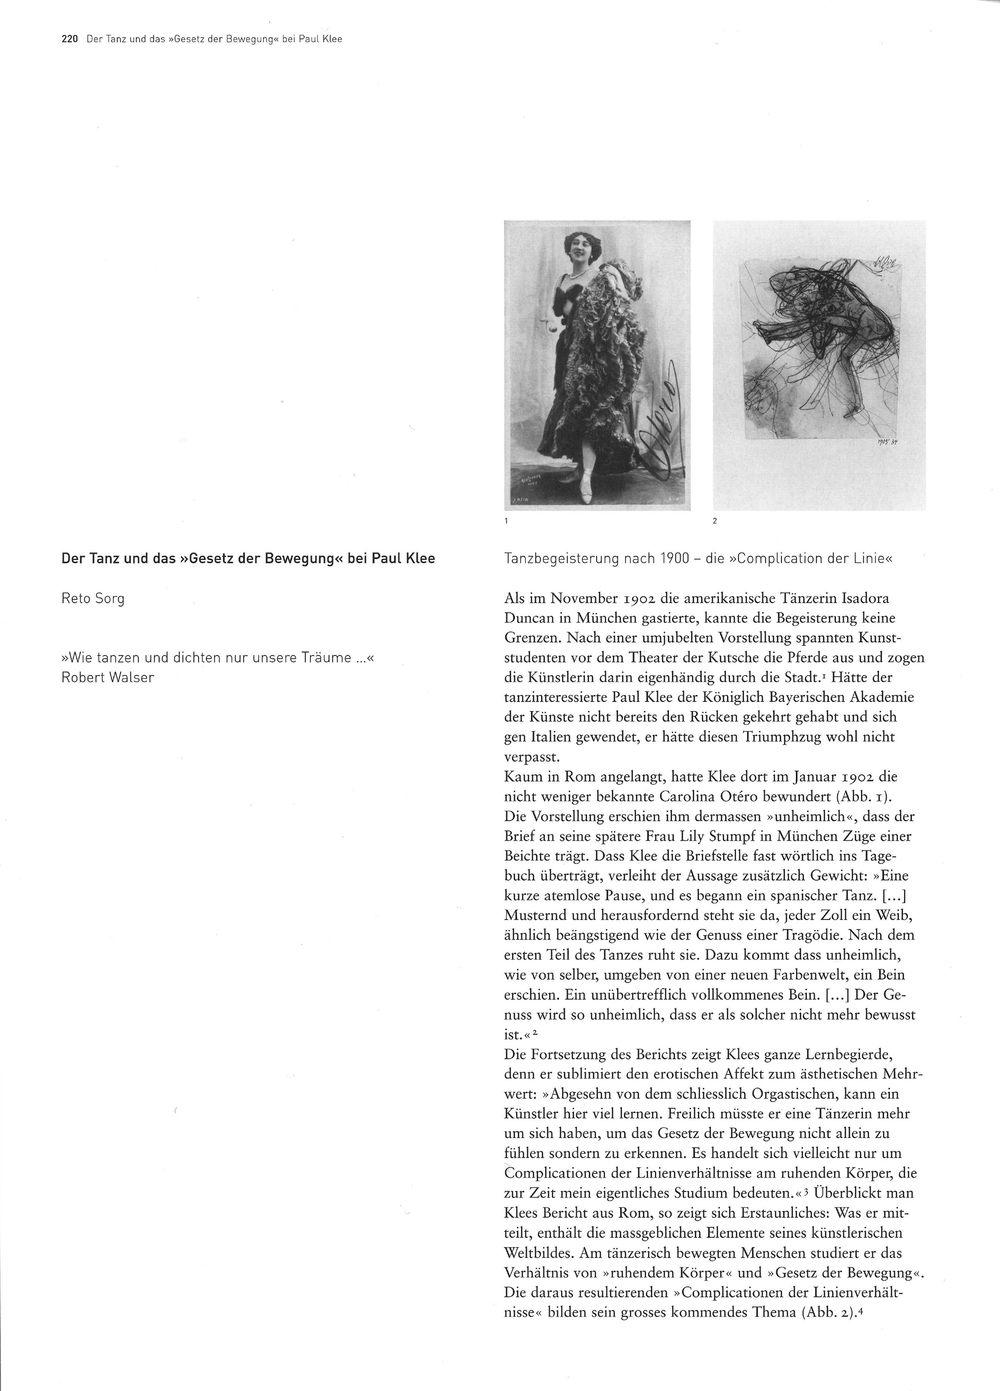 Reto Sorg,Der Tanz und das »Gesetz der Bewegung«bei Paul Klee, in: Ausst.-Kat.Paul Klee. Überall Theater, Zentrum Paul Klee, Bern, 28.6. - 14.10.2007, S. 220–226. Download